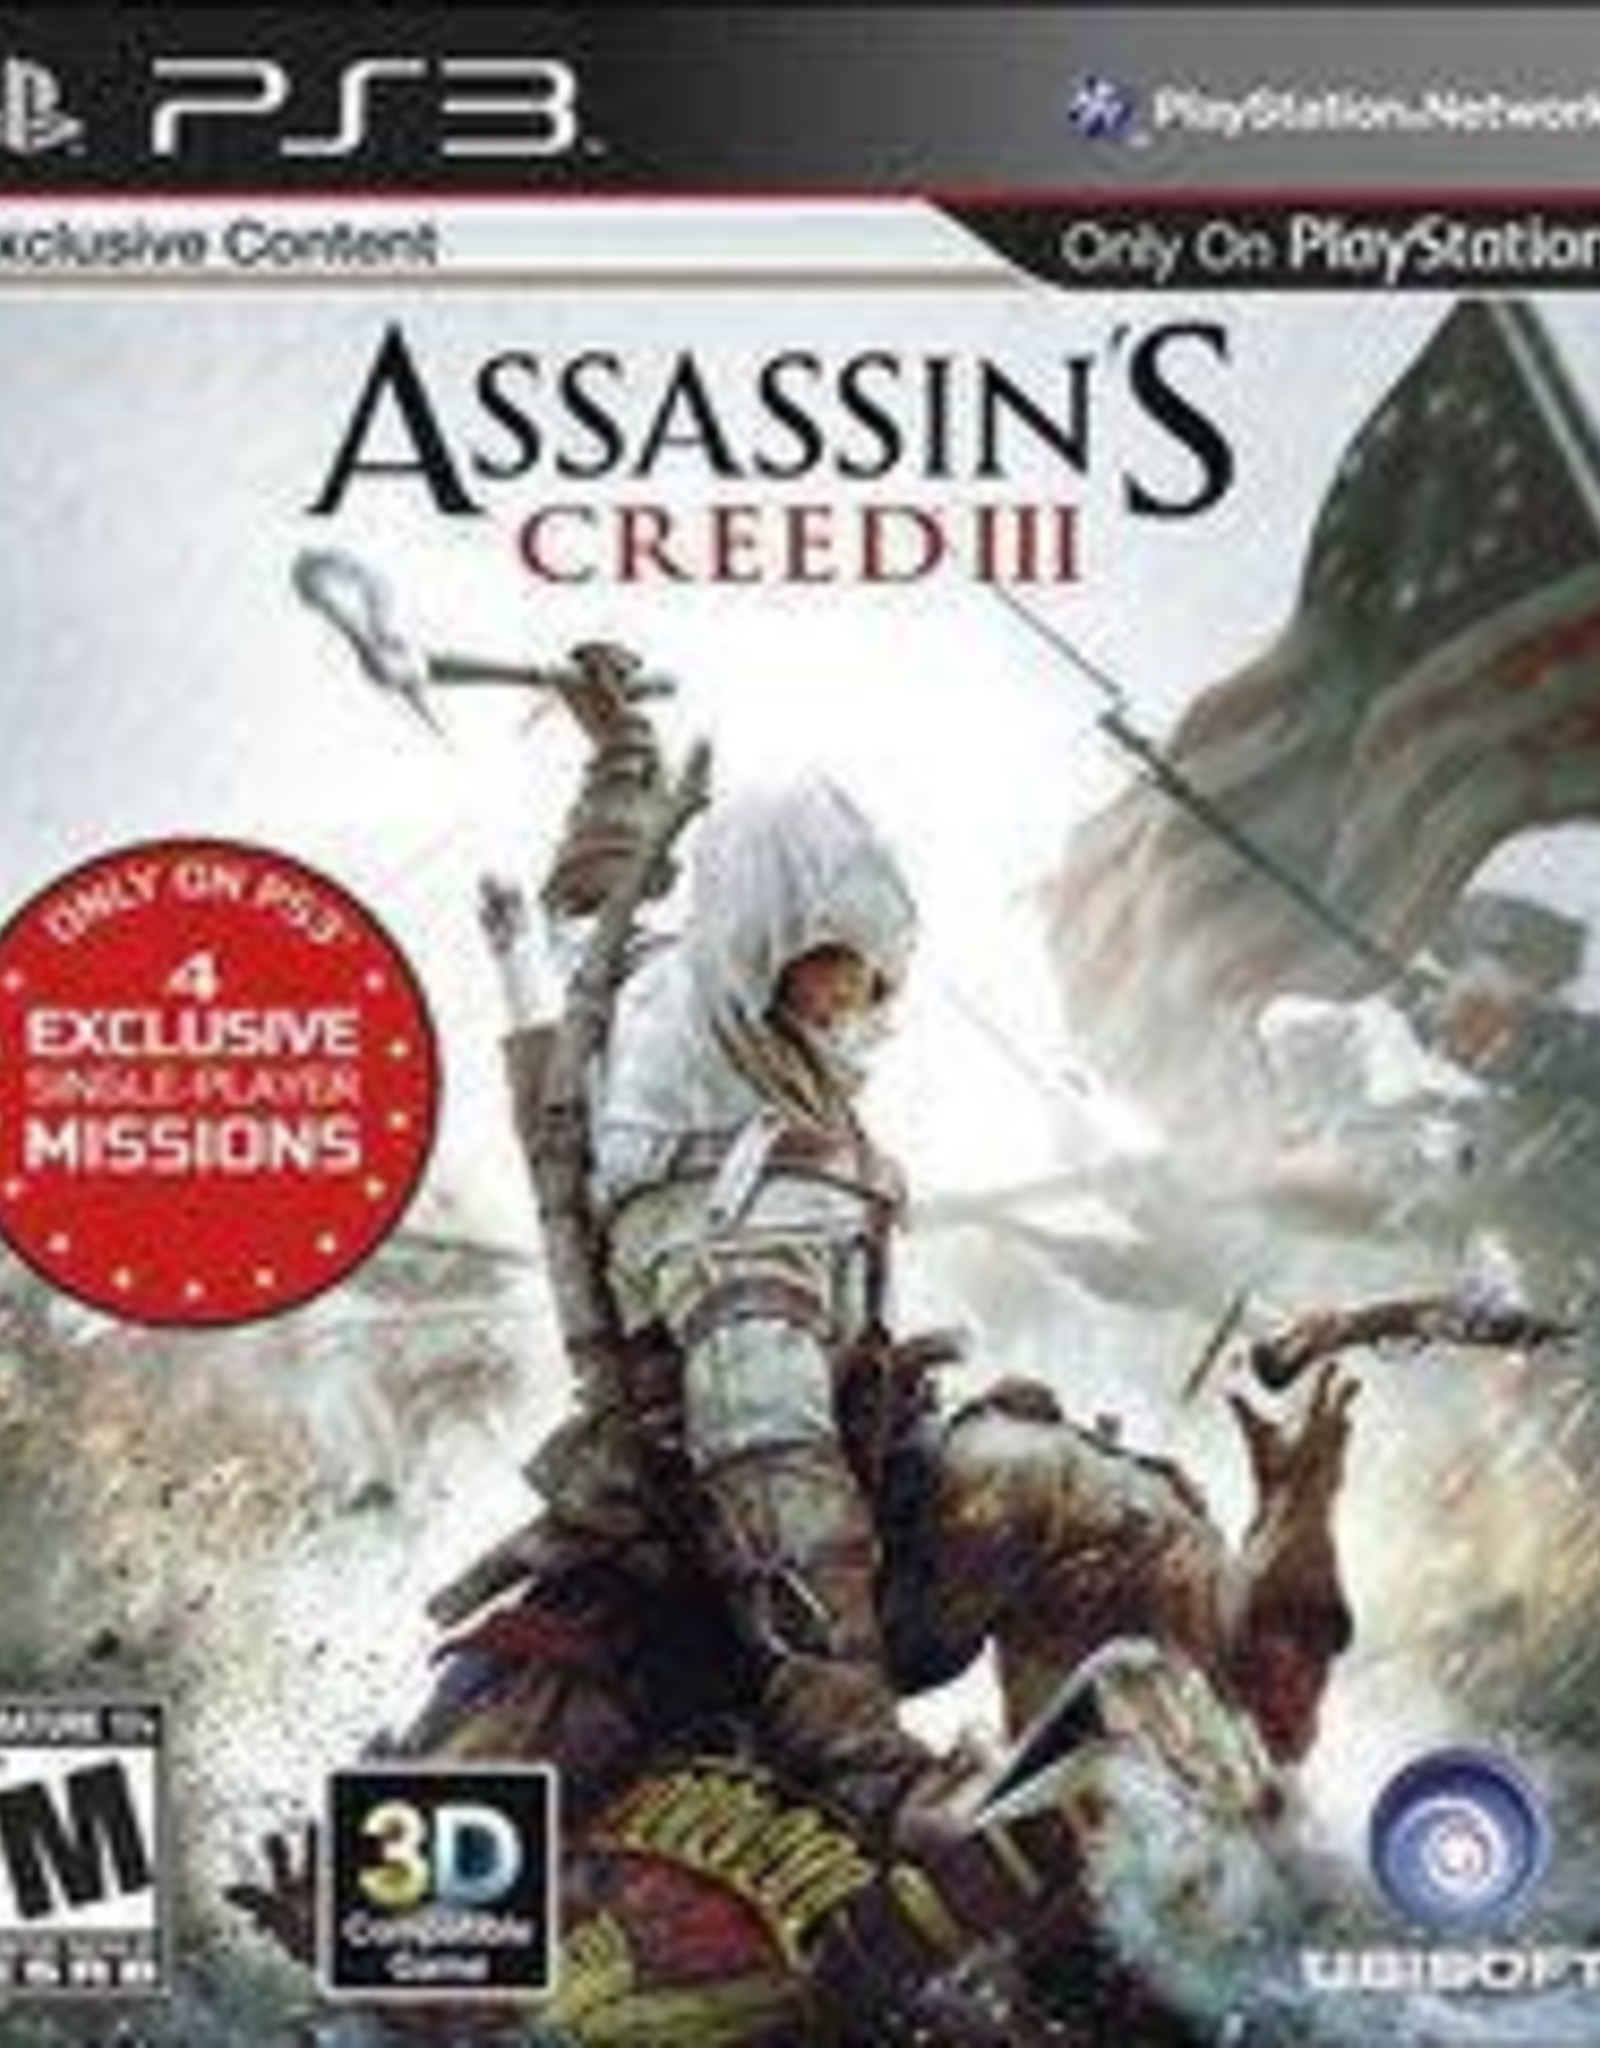 Playstation 3 Assassin's Creed III